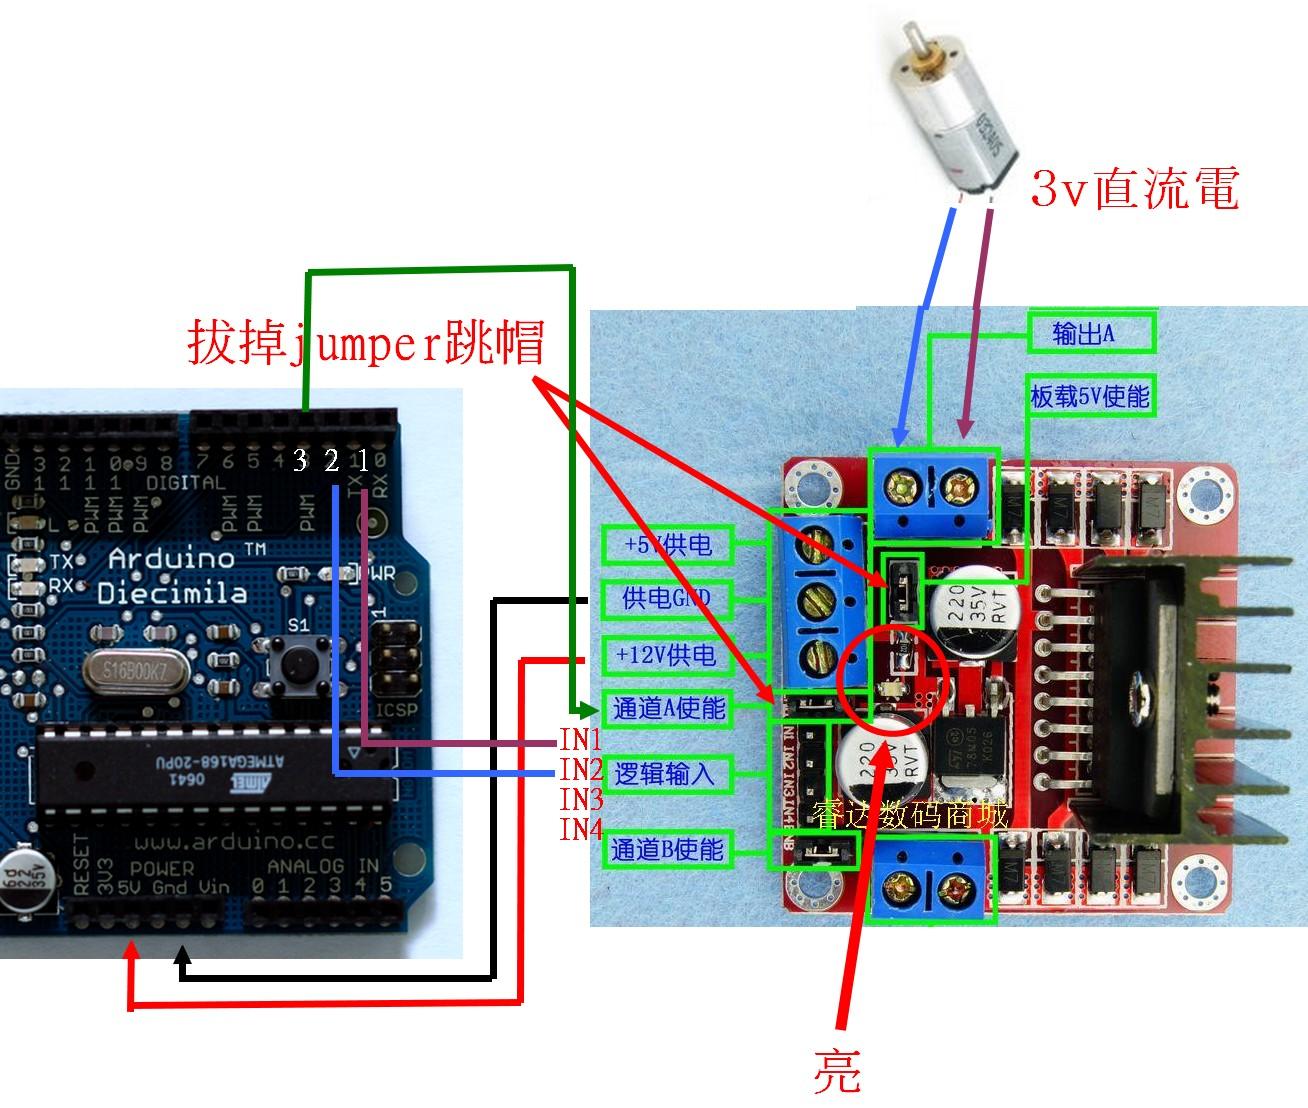 其实不用想得太复杂,因为驱动电机电流太大所以我们不能直接将电机的两个引线接到arduino板子上的两个数字脚上(假如可以的话,我举个例子:马达分别接数字脚6和7,6脚给高电平,7脚给低电平,马达就会转;6脚给低电平,7脚给高电平,马达就会反转,这样控制马达理解了吗?)。现在L298我们可以理解它就是一个桥梁,使arduino的驱动能力增加了。要使L298工作起来,必须供电(废话)。现在我们用个12V-9V的电源的正负分别接到+12V供电和供电GND。还要特别注意要与arduino共地!共地就是ard